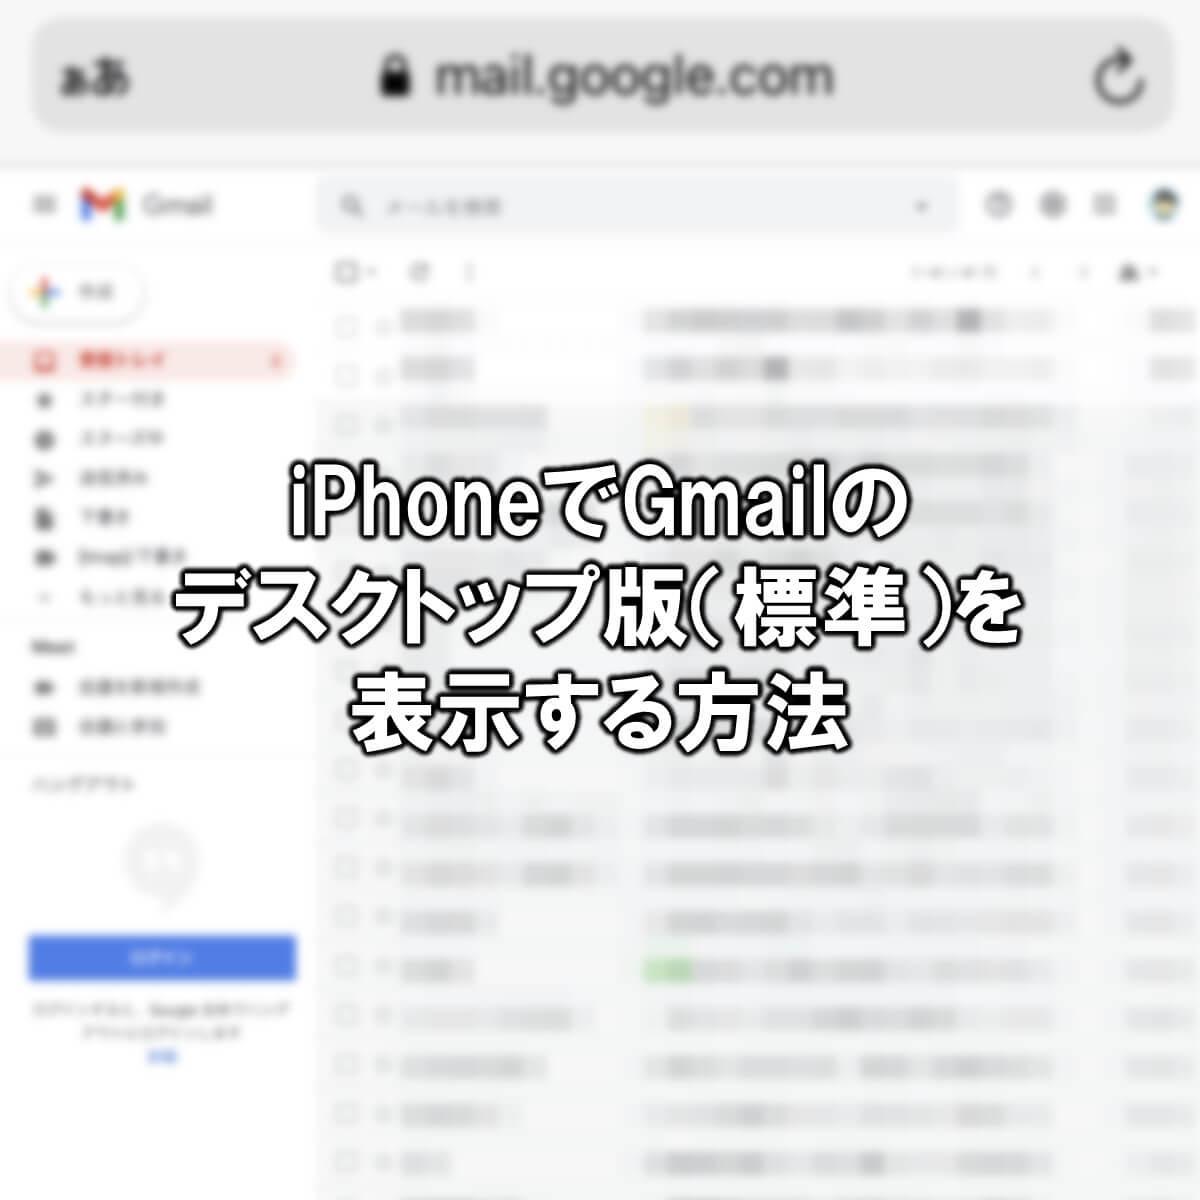 iPhoneでGmailのデスクトップ版(標準)を表示する方法